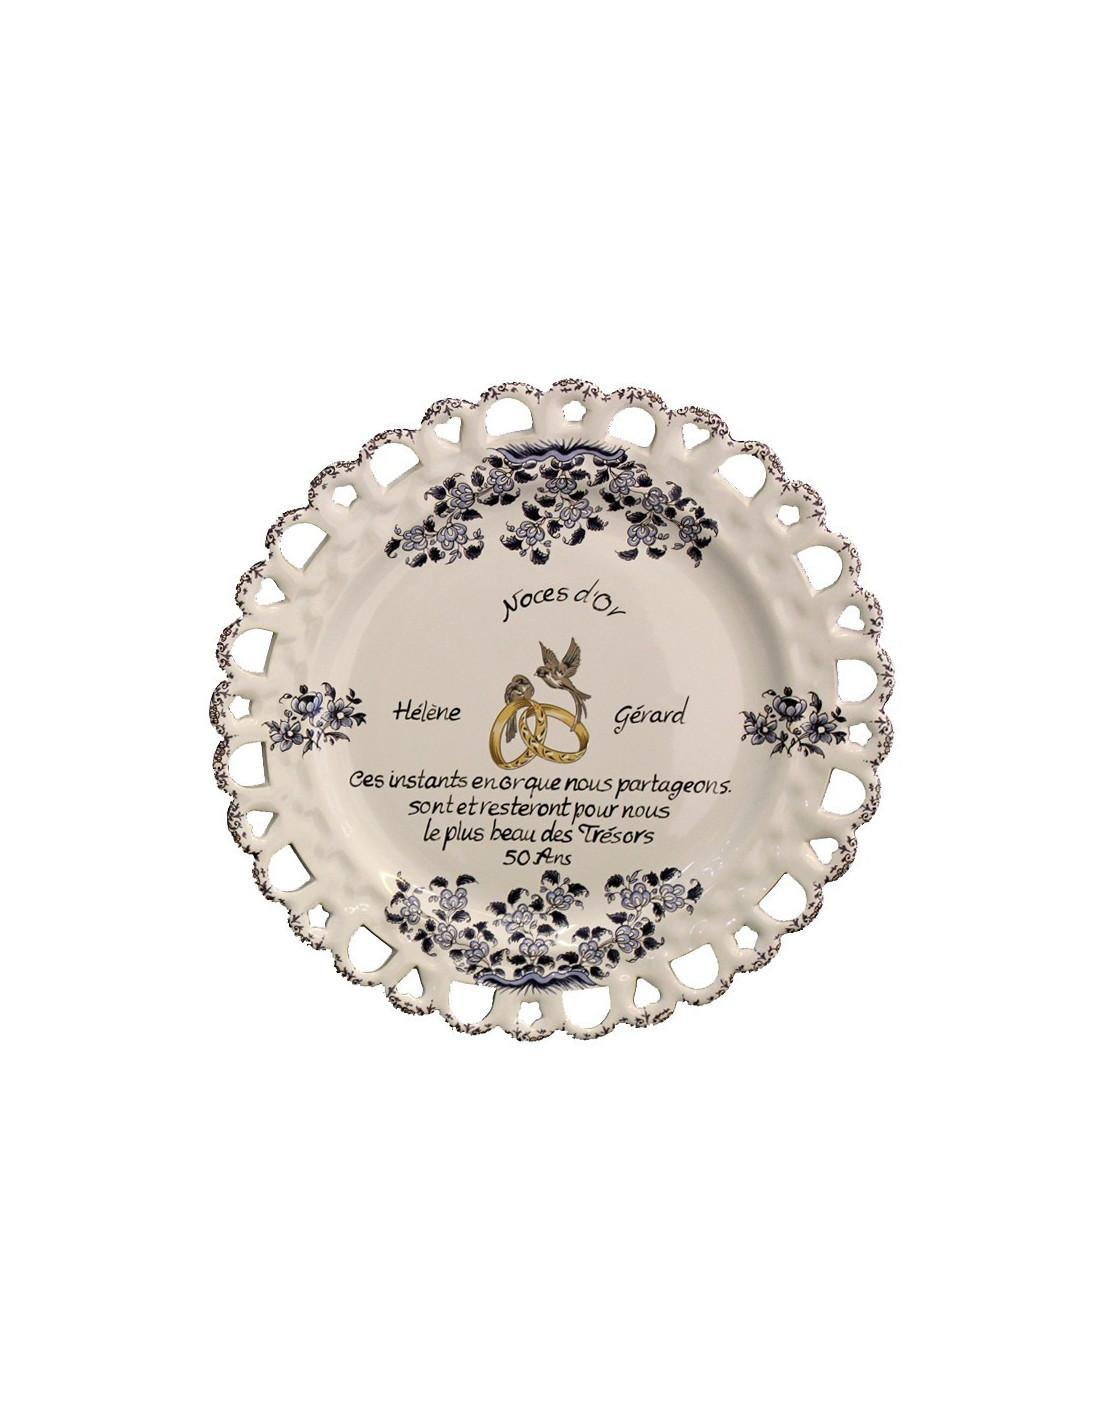 Assiette de mariage mod le tournesol d cor bleu po me for Assiette de decoration